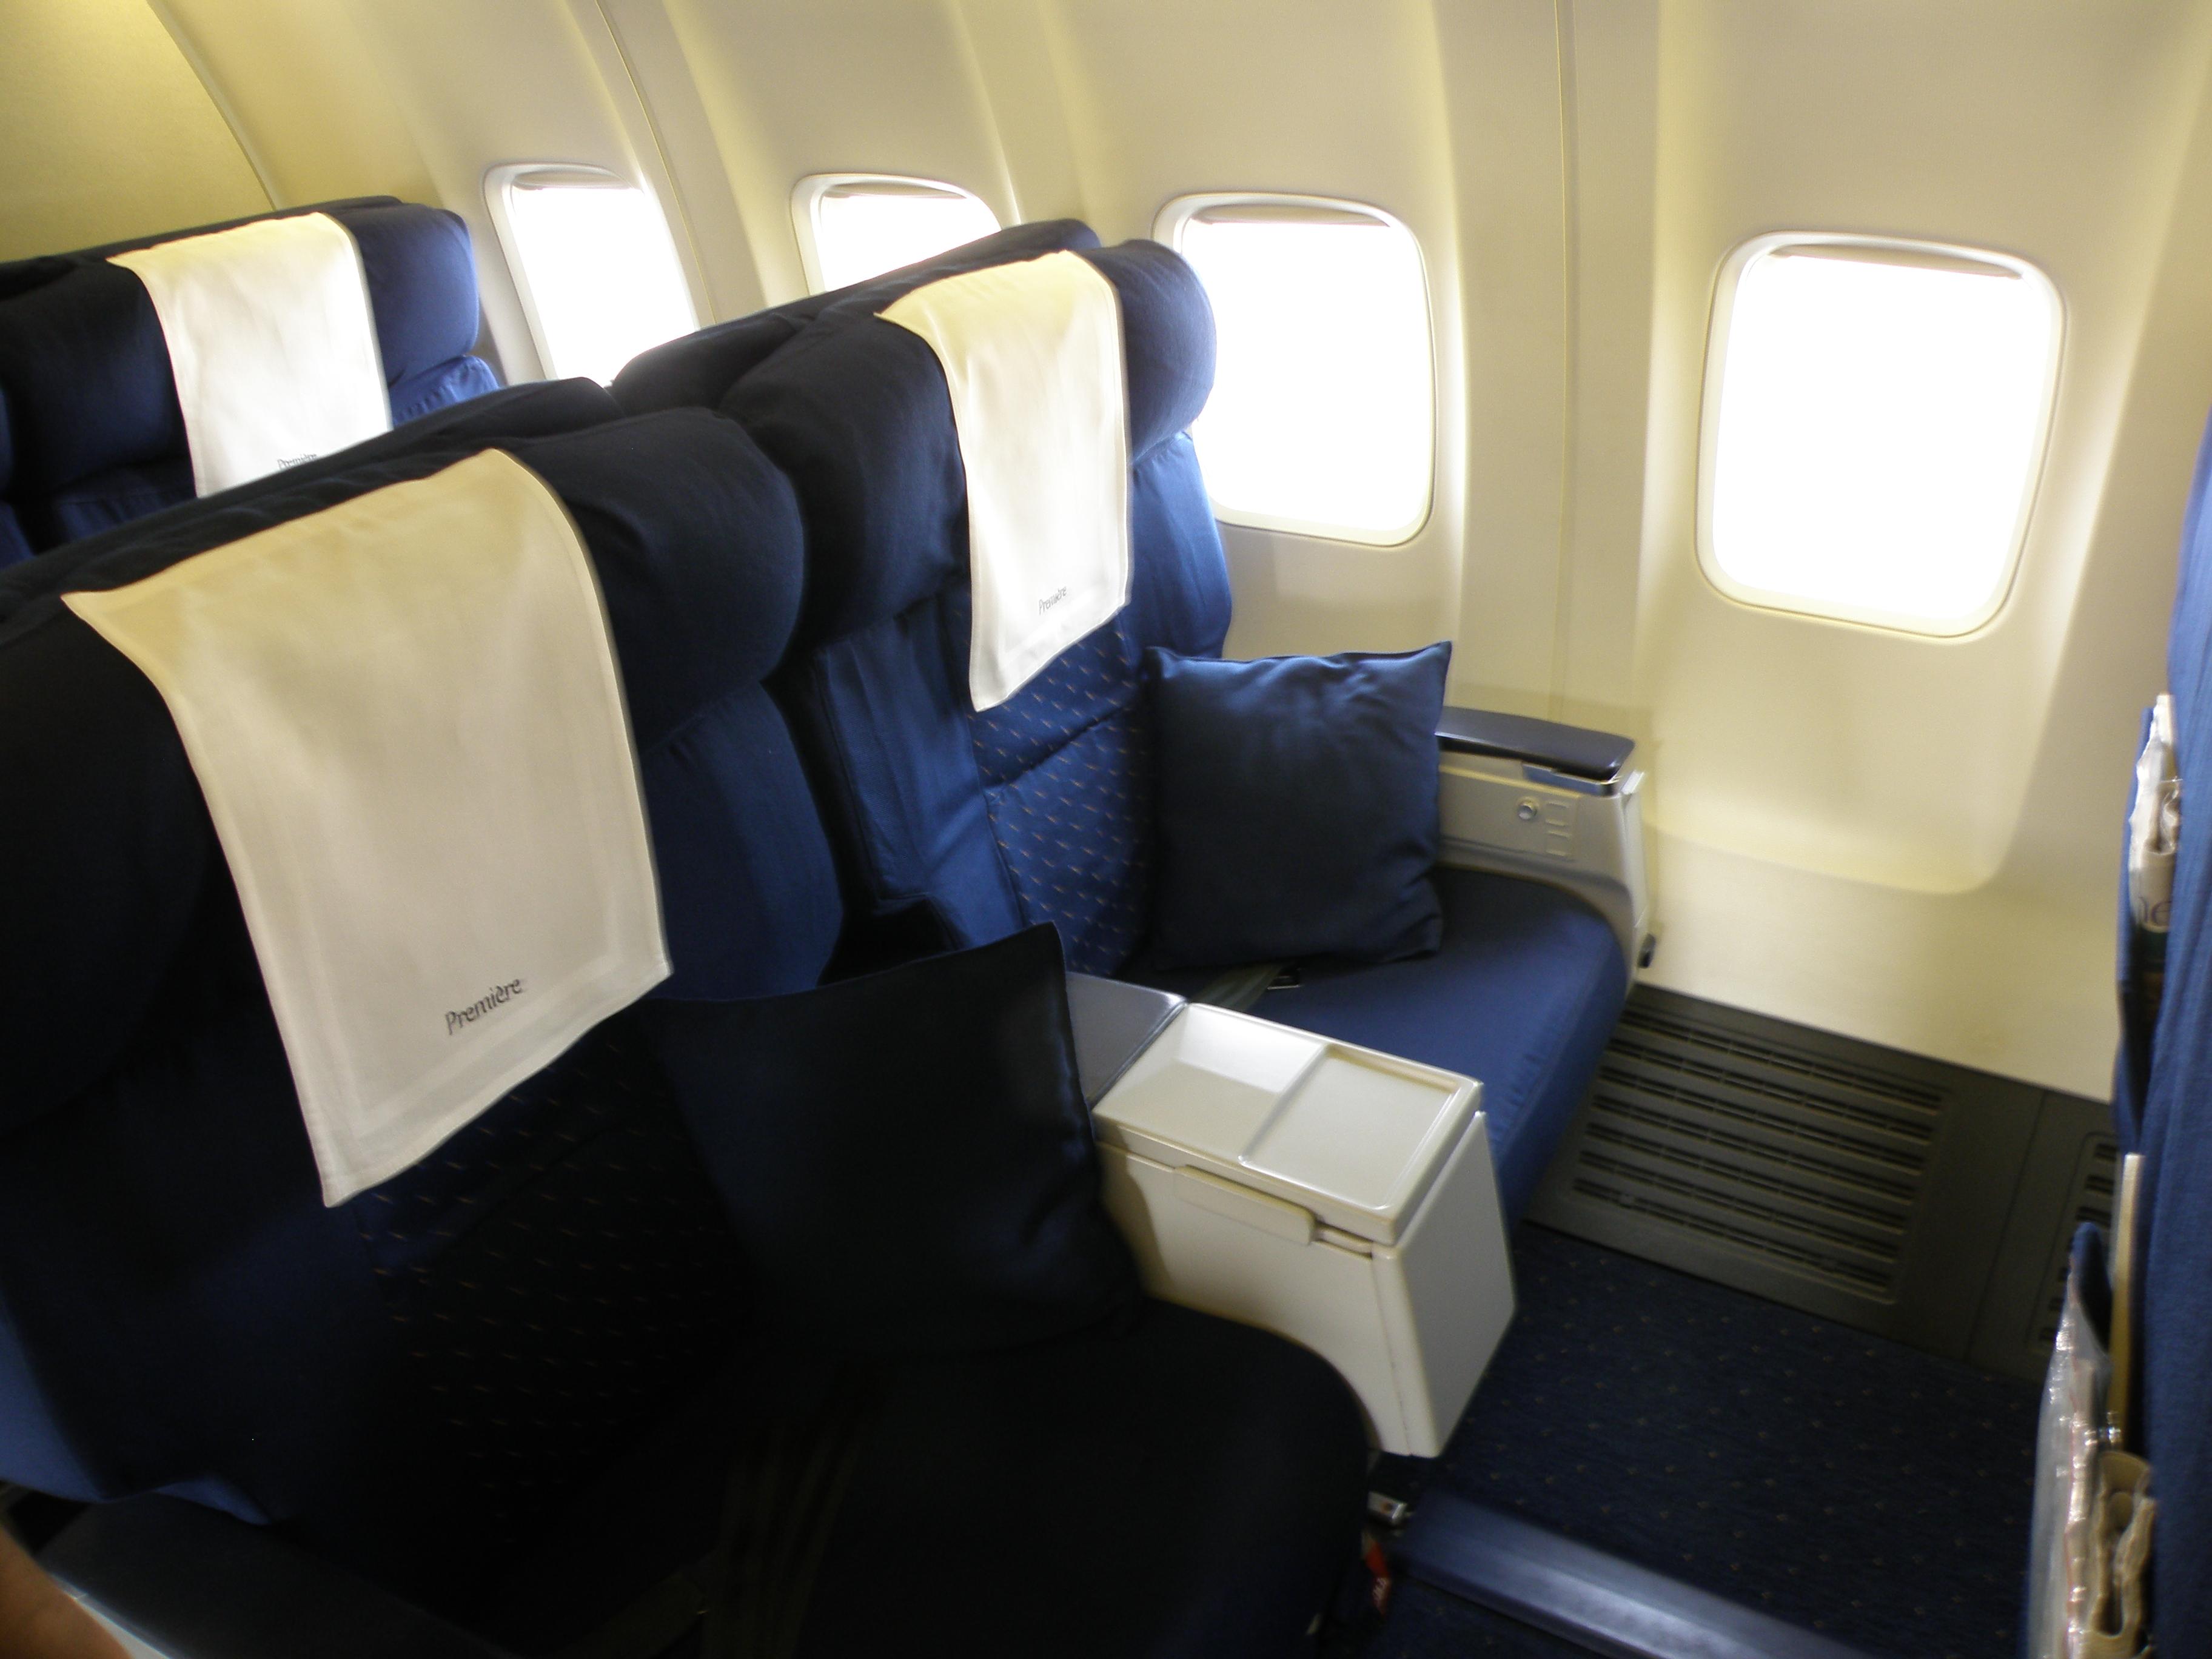 Description Jet Airways domestic première seats